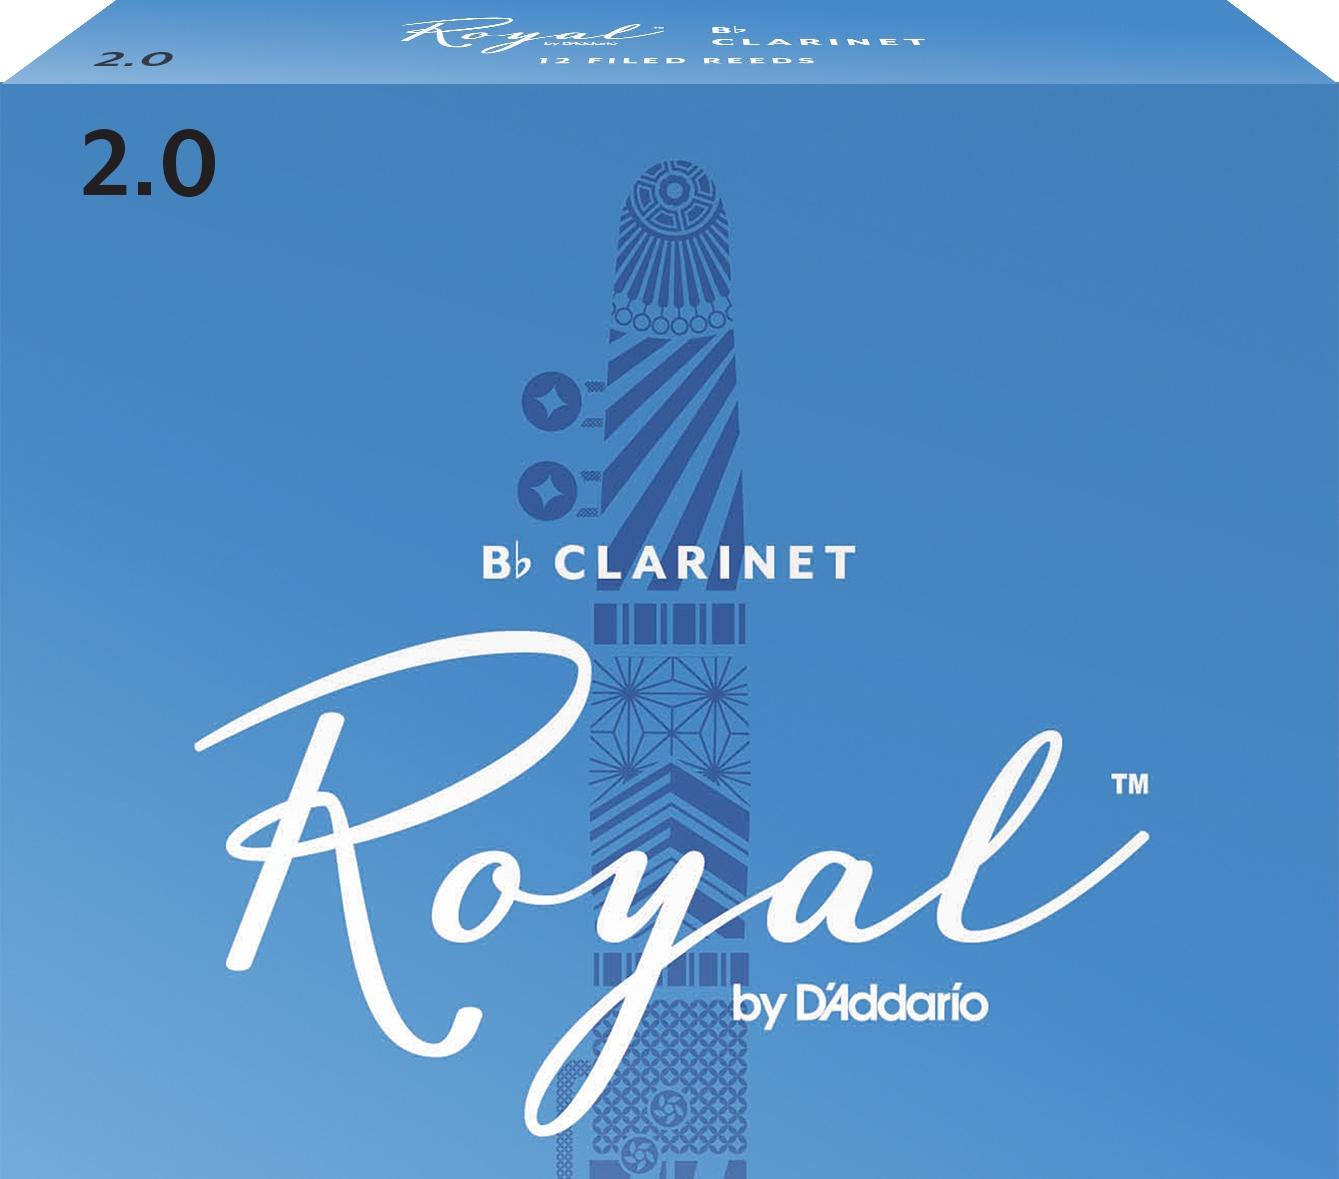 Rico Royal boxes of ten and single reeds.     Royal Clarinet      Singles  $3.50 / Packs of 3 $9.99 / Box of 10 $21.99     Royal Alto Sax      Singles  $4.10 / 3 pack $10.99 / Box of 10 $25.99     Royal Tenor Sax      Singles  $5.50 / 3 pack $14.99 / Box of 10 $38.99